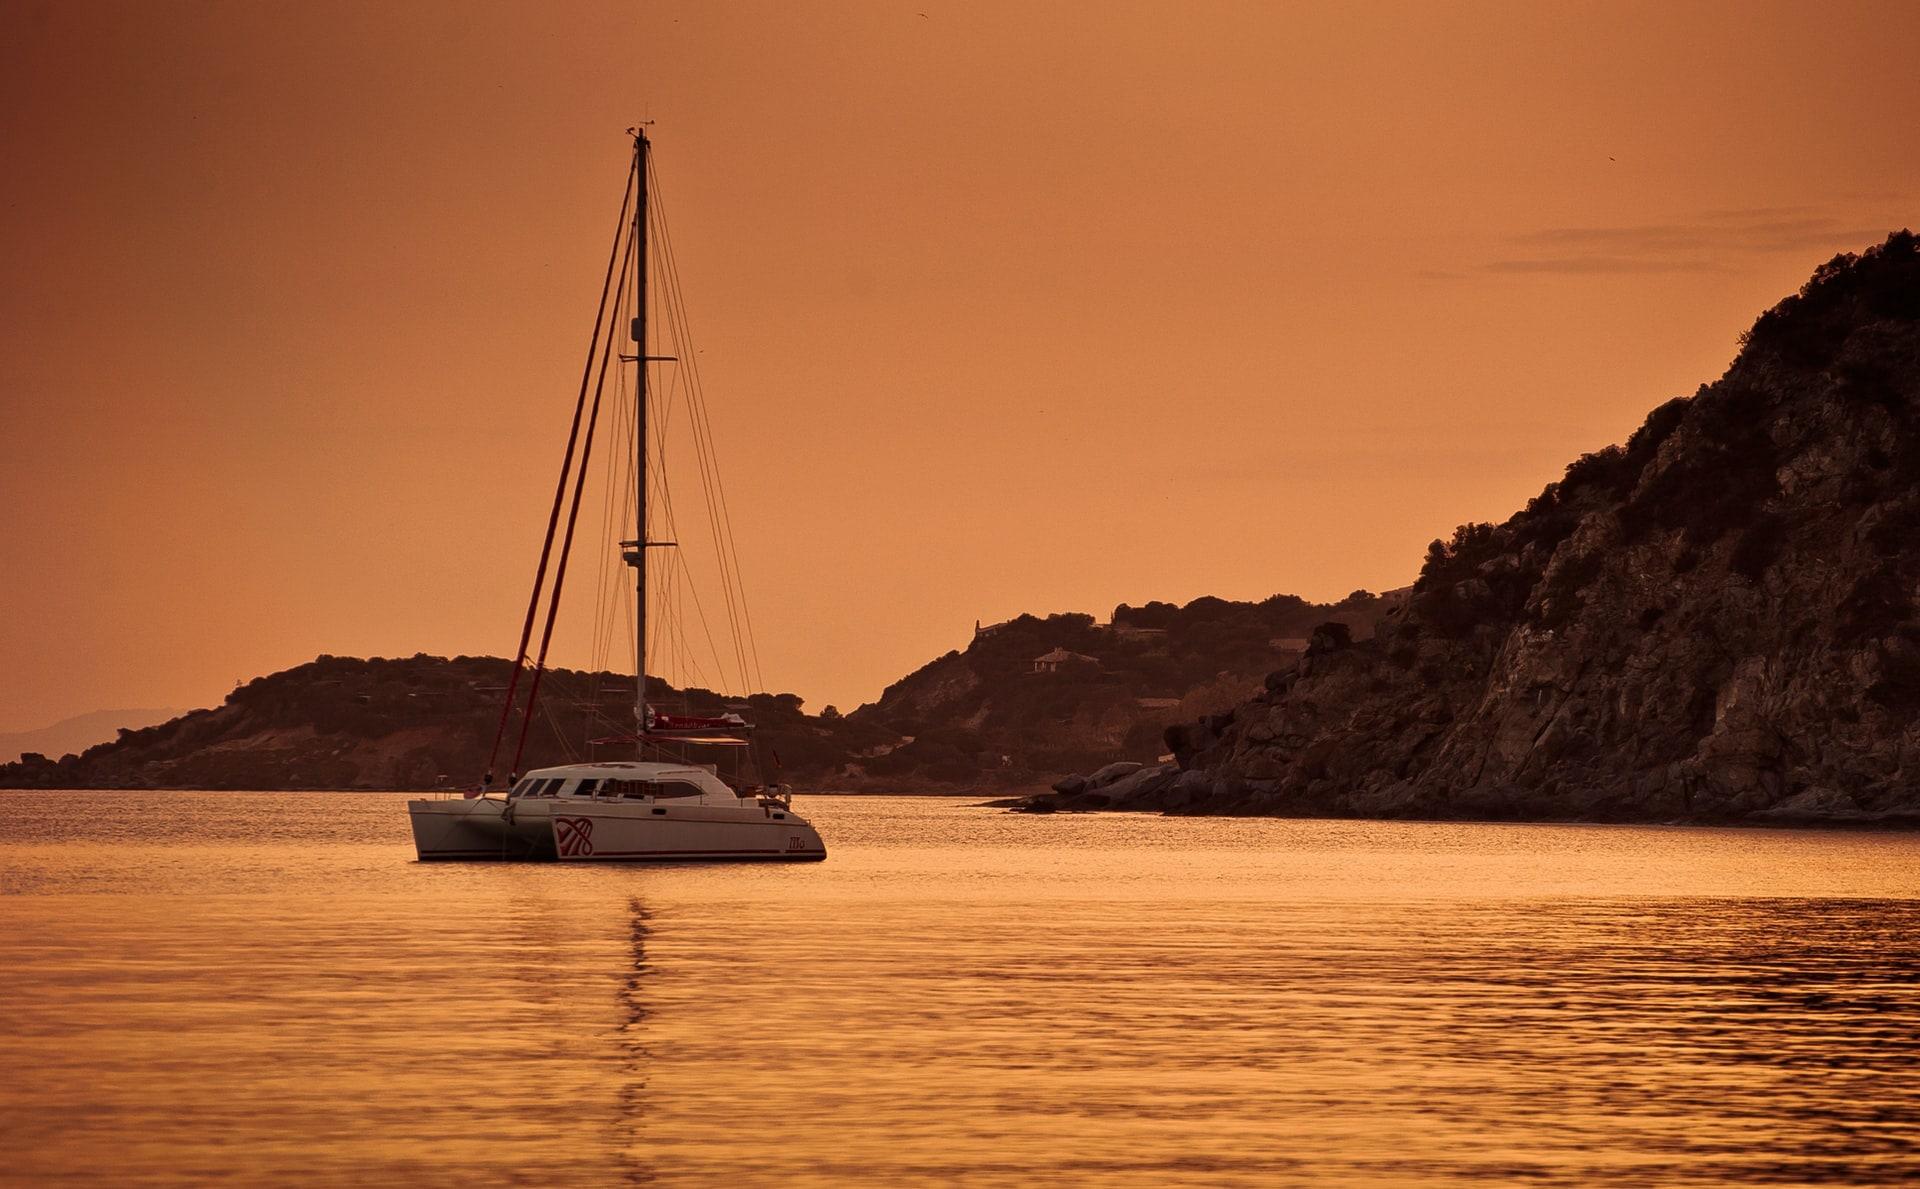 Mykonos Yacht Sunsets